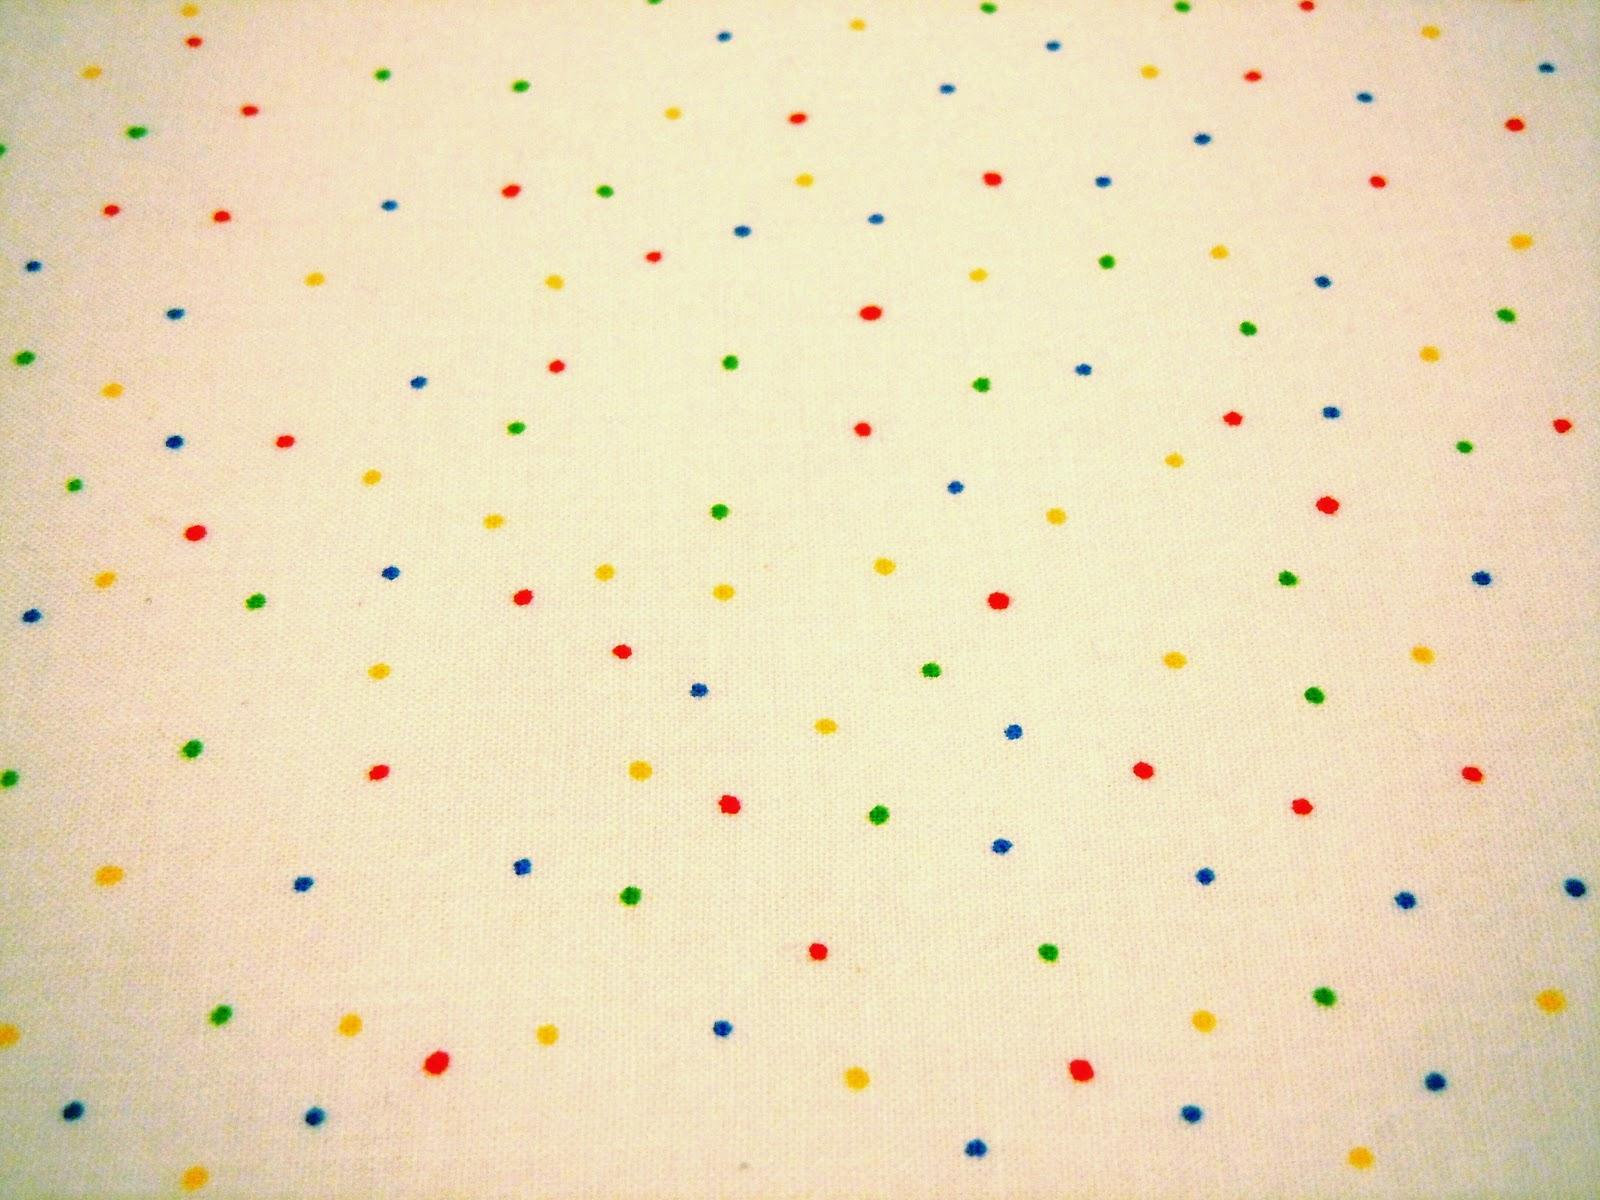 cute wallpaper 1600x1200 - photo #19